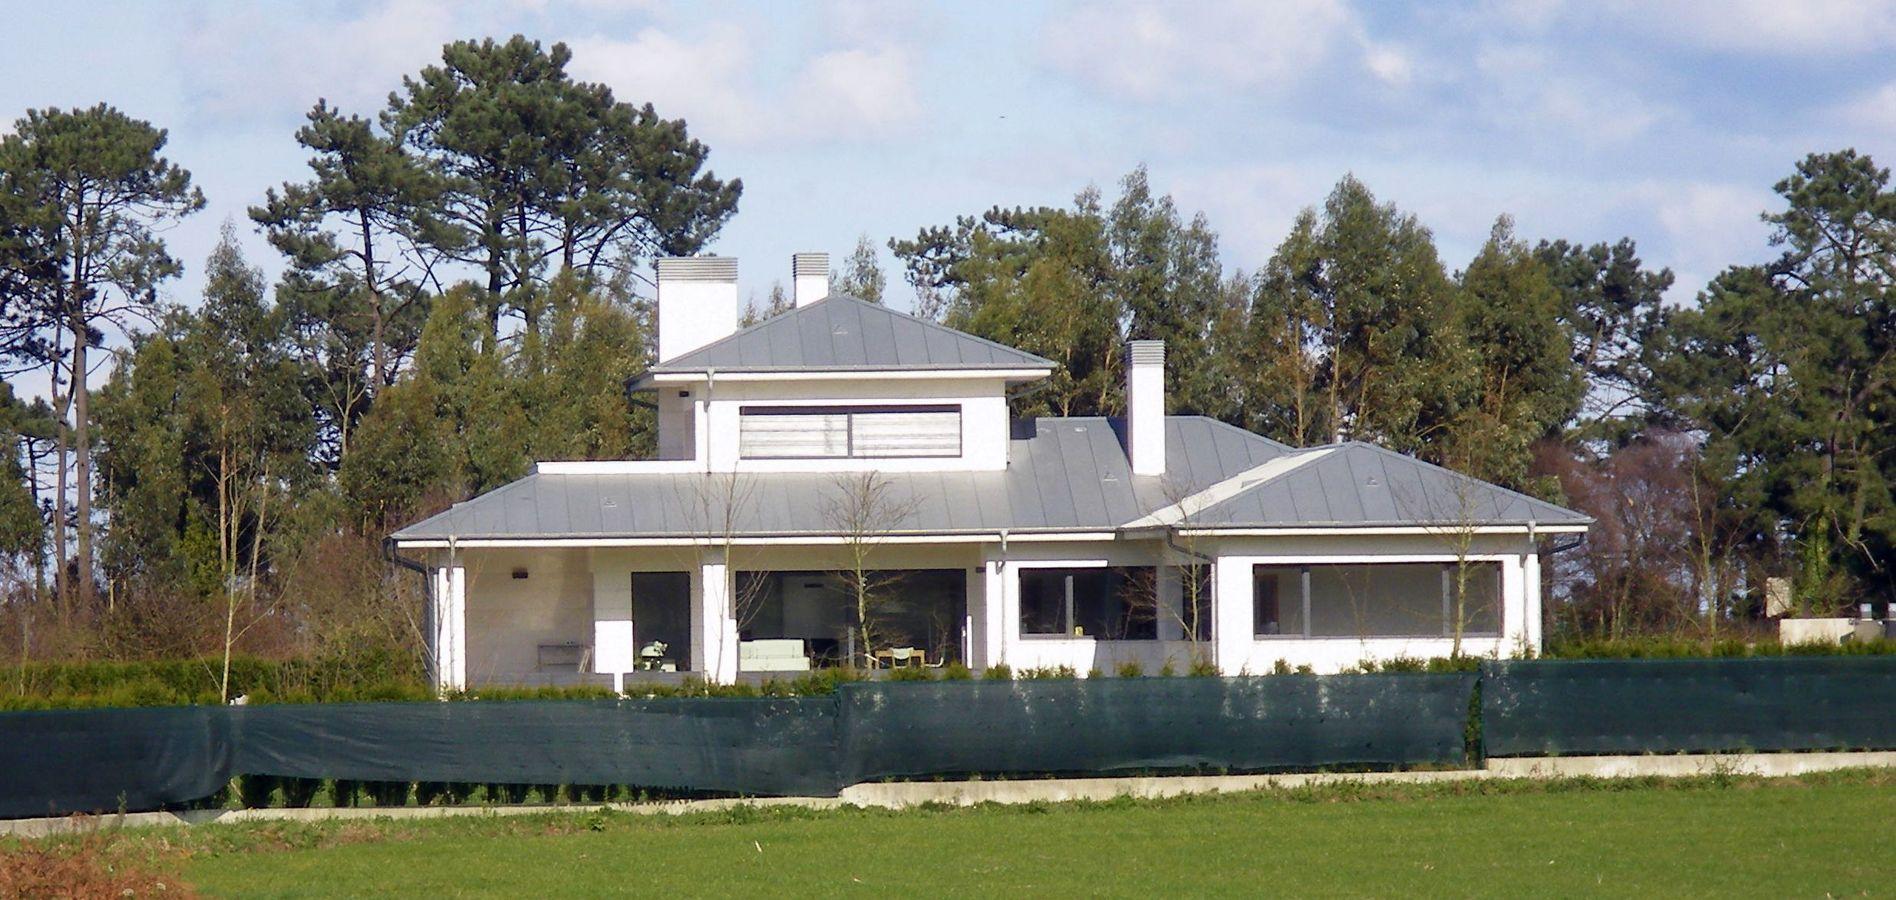 vivienda unifamiliar - estudio de arquitectura